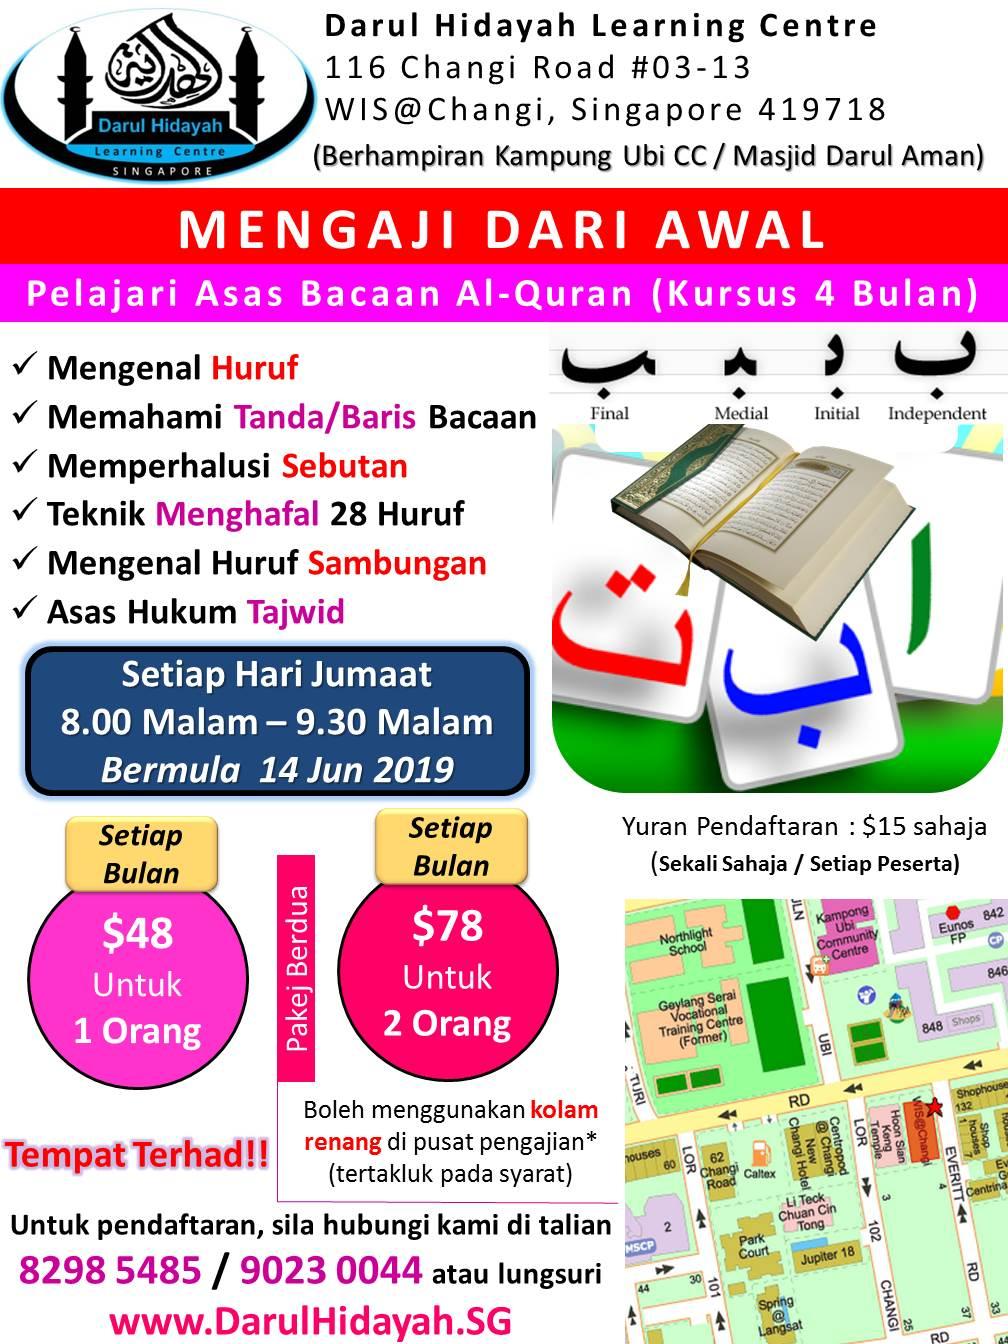 Darul-Hidayah-Poster-Mengaji-Dari-Awal-JUN 2019